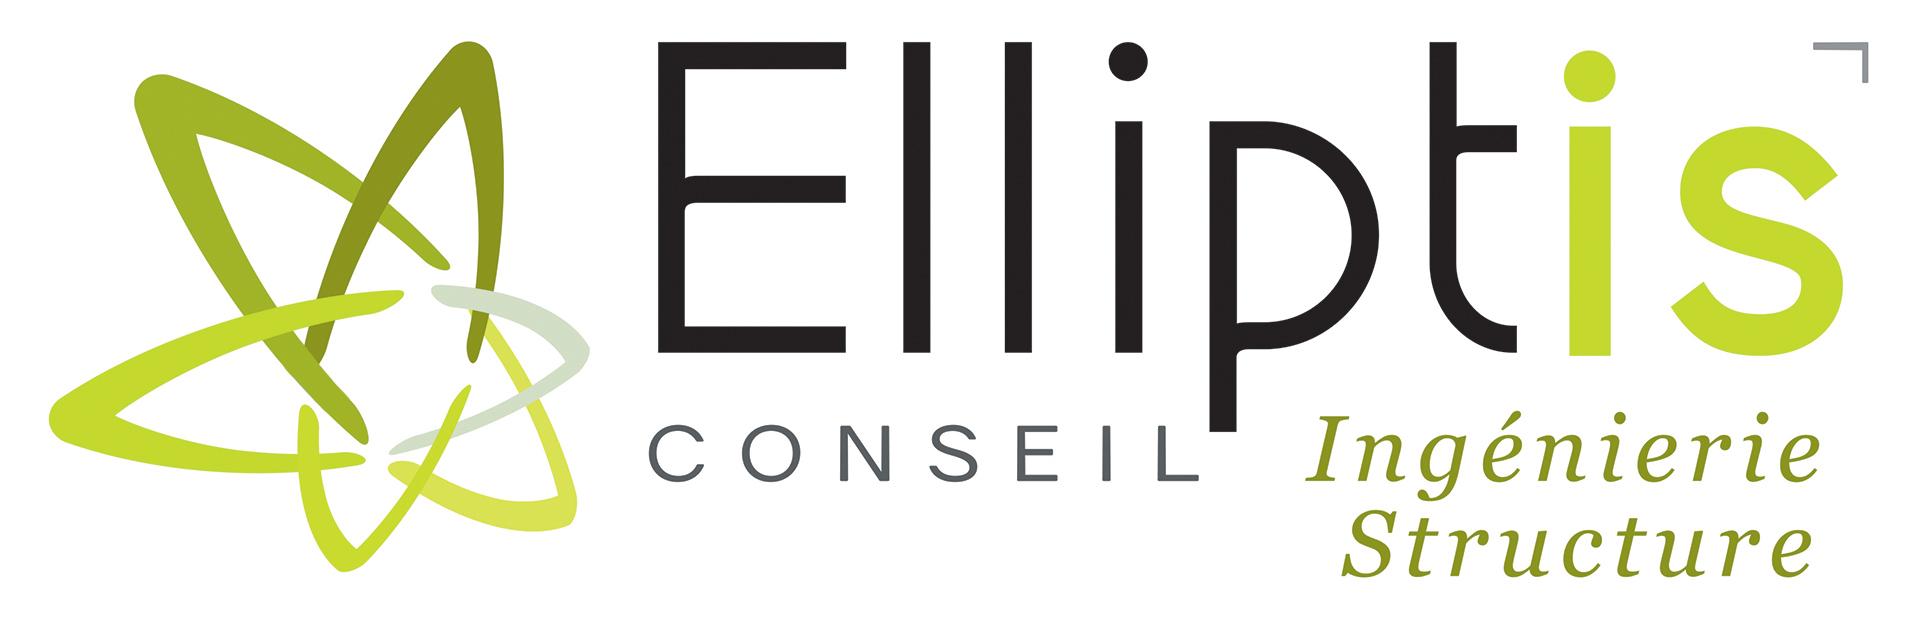 Elliptis.fr